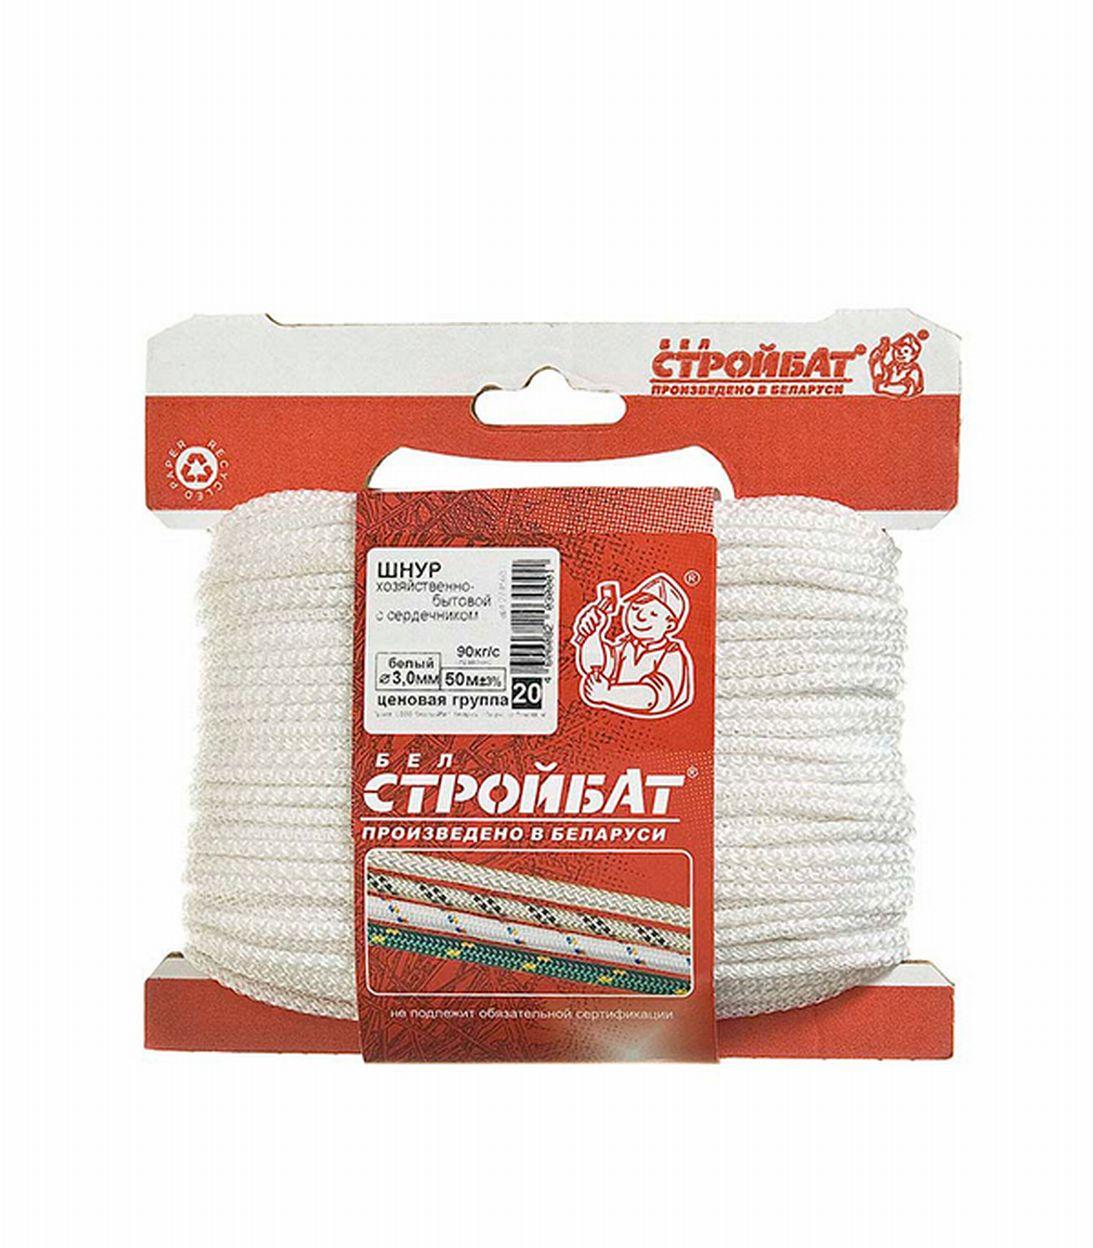 Плетеный шнур Белстройбат полипропиленовый белый d3 мм 50 м